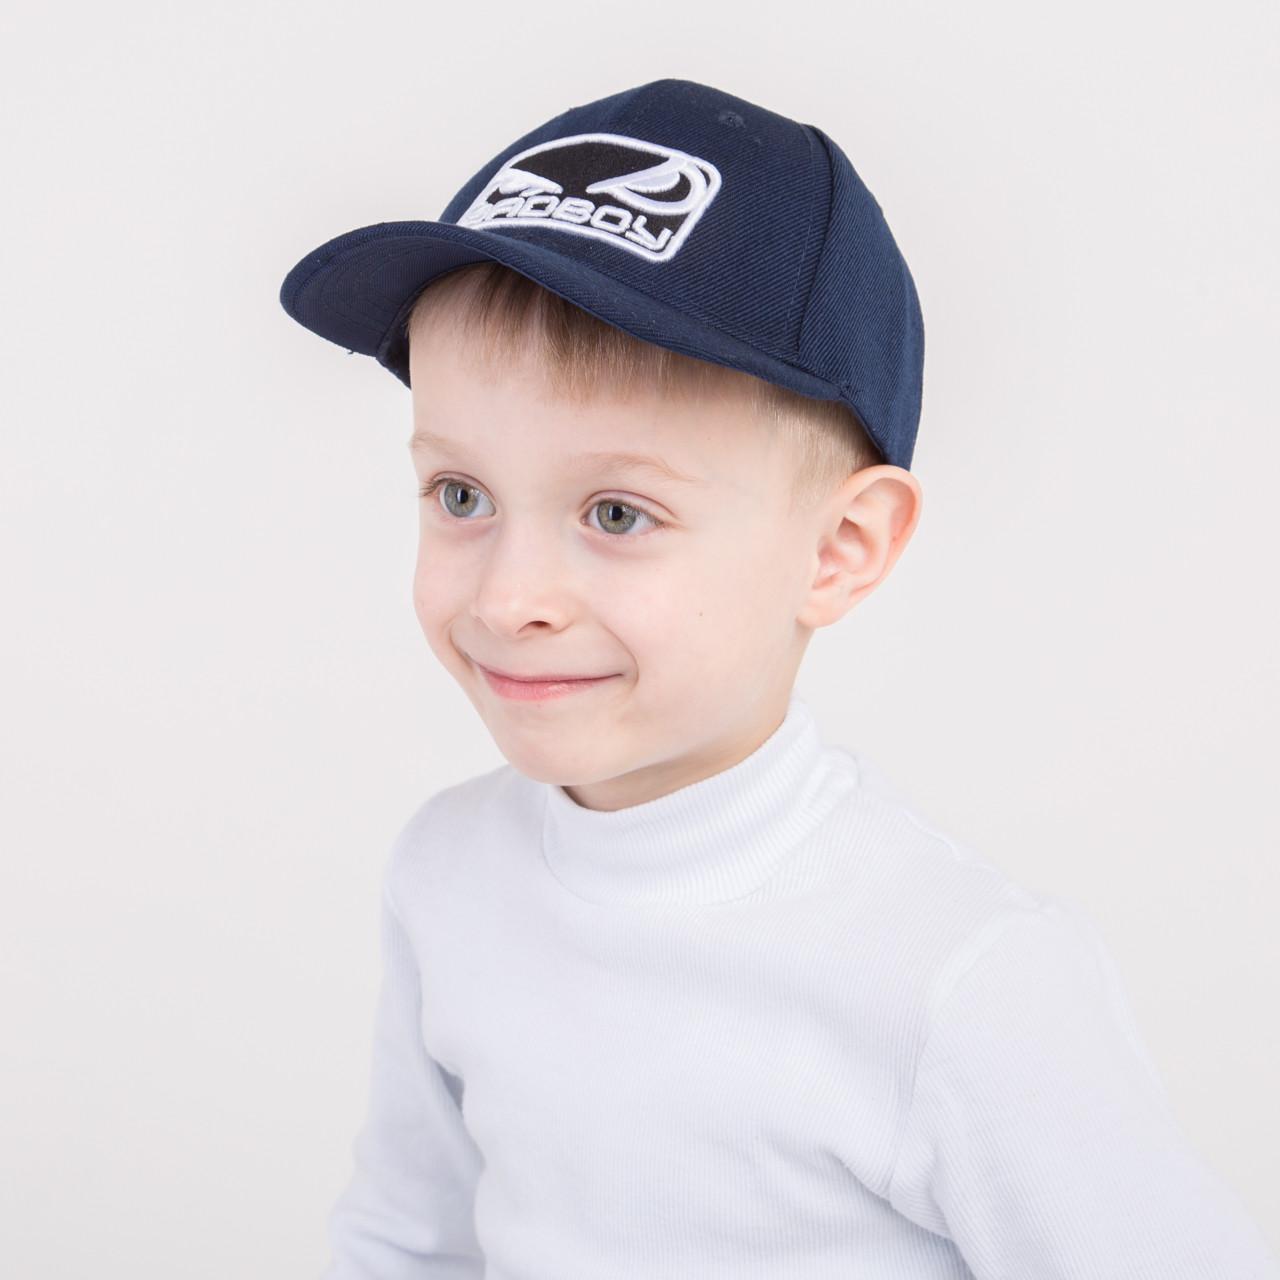 Модная кепка на весну-лето для мальчика - BadBoy - 82018-35а